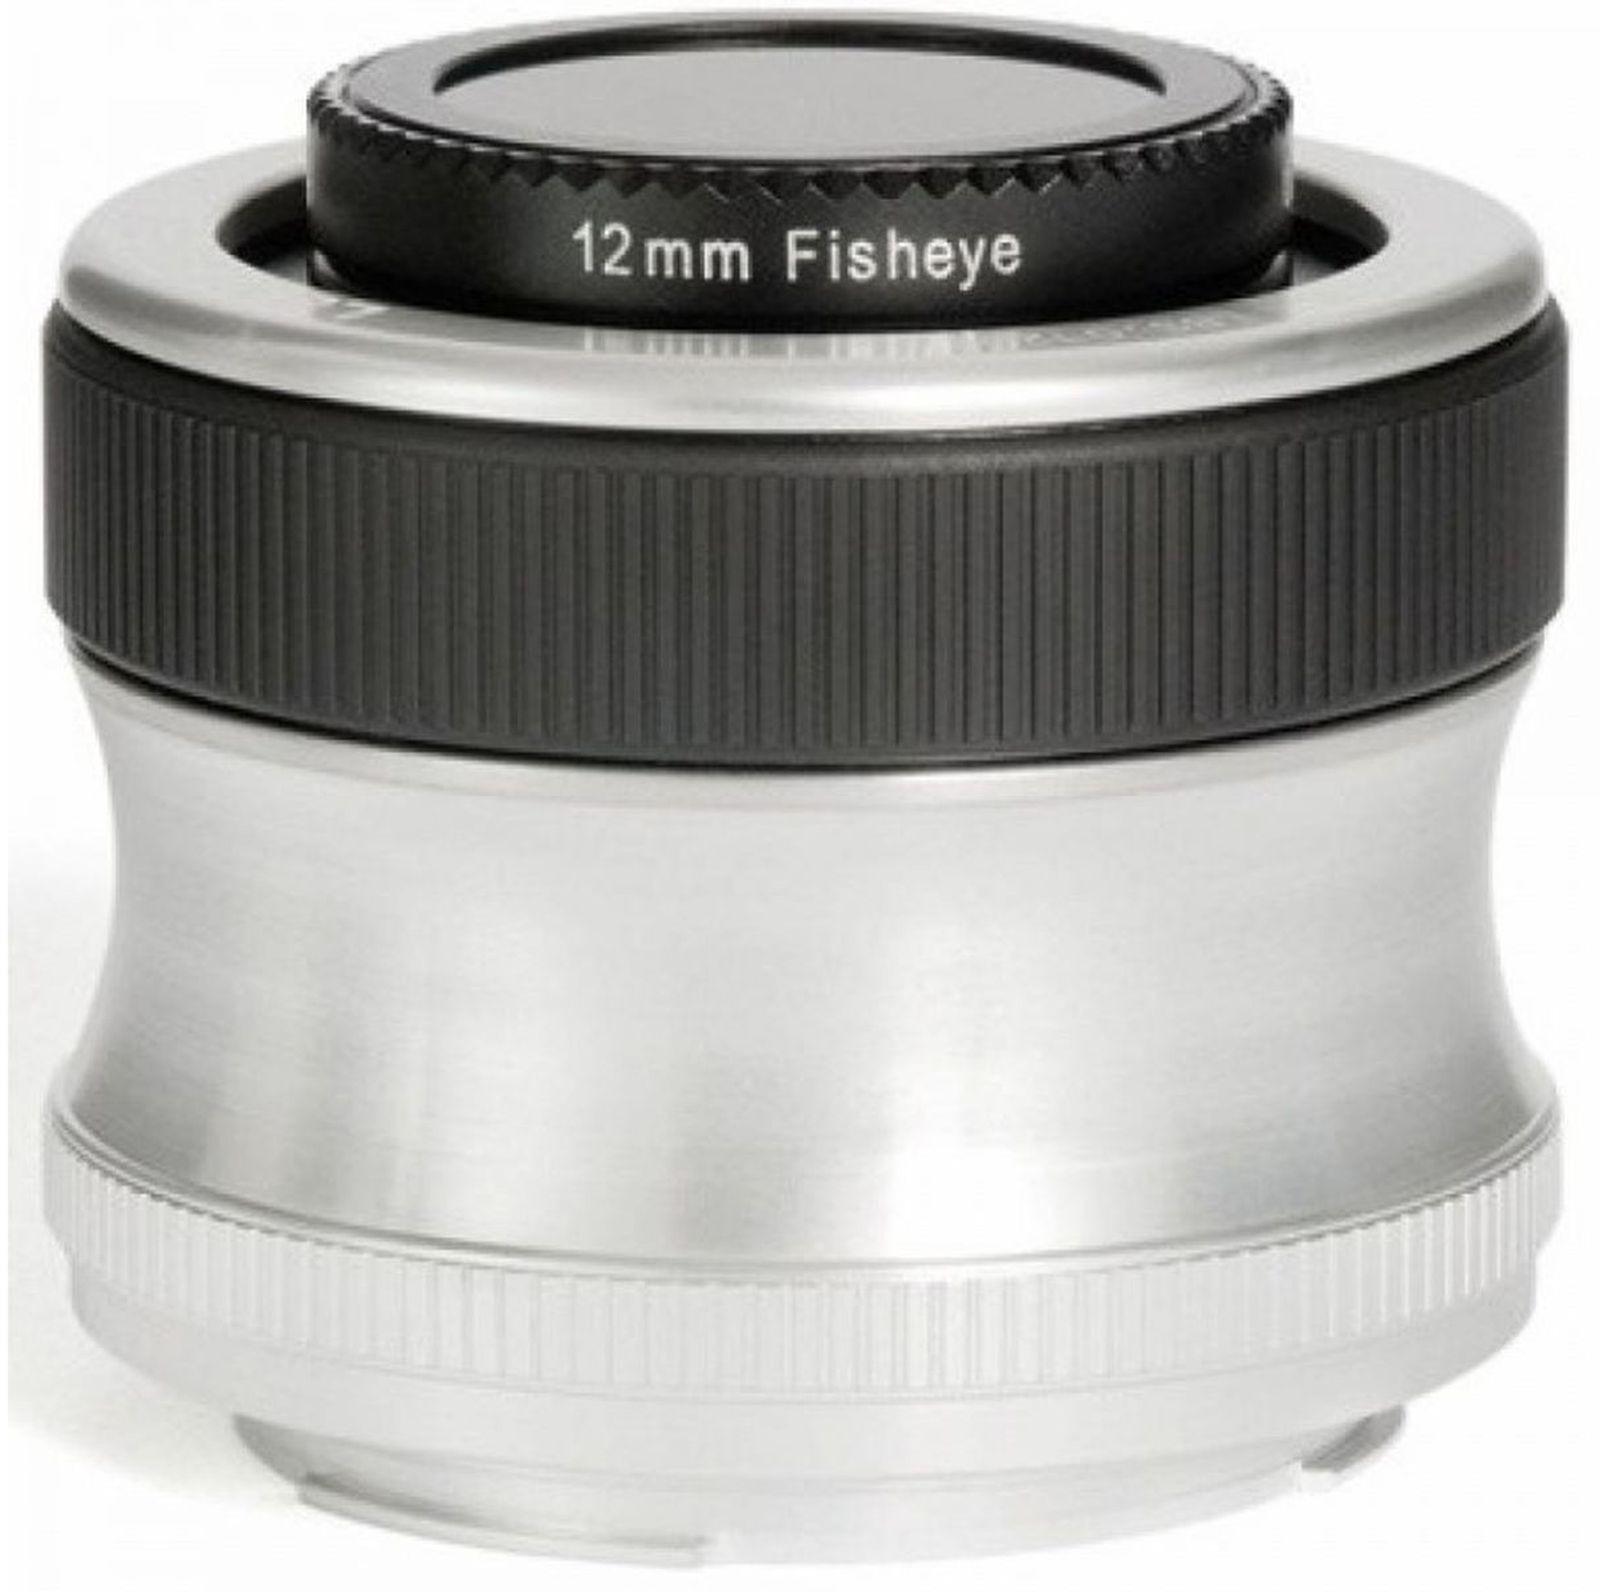 Объектив Lensbaby Scout With Fisheye 12mm f/4.0 для Nikon, черный, серебристый